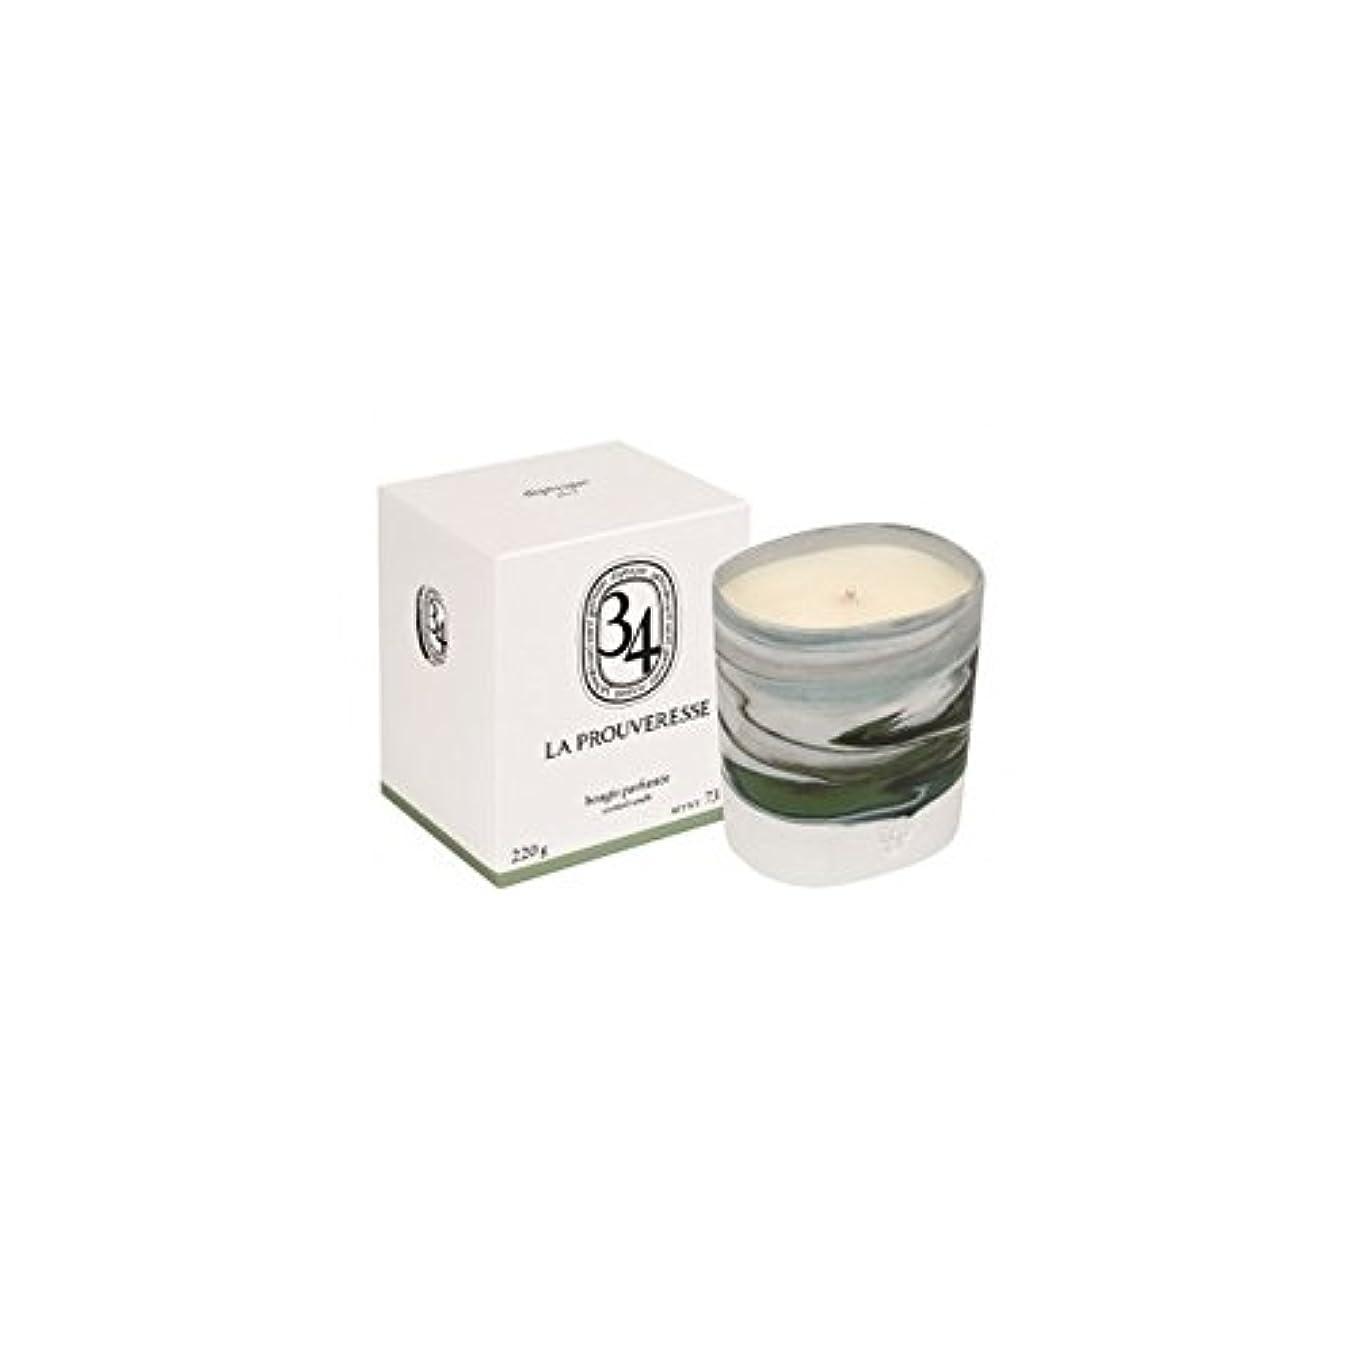 摂氏度うなり声かなりのDiptyque Collection 34 La Prouveresse Scented Candle 220g (Pack of 2) - ラProuveresse Diptyqueコレクション34香りのキャンドル220...